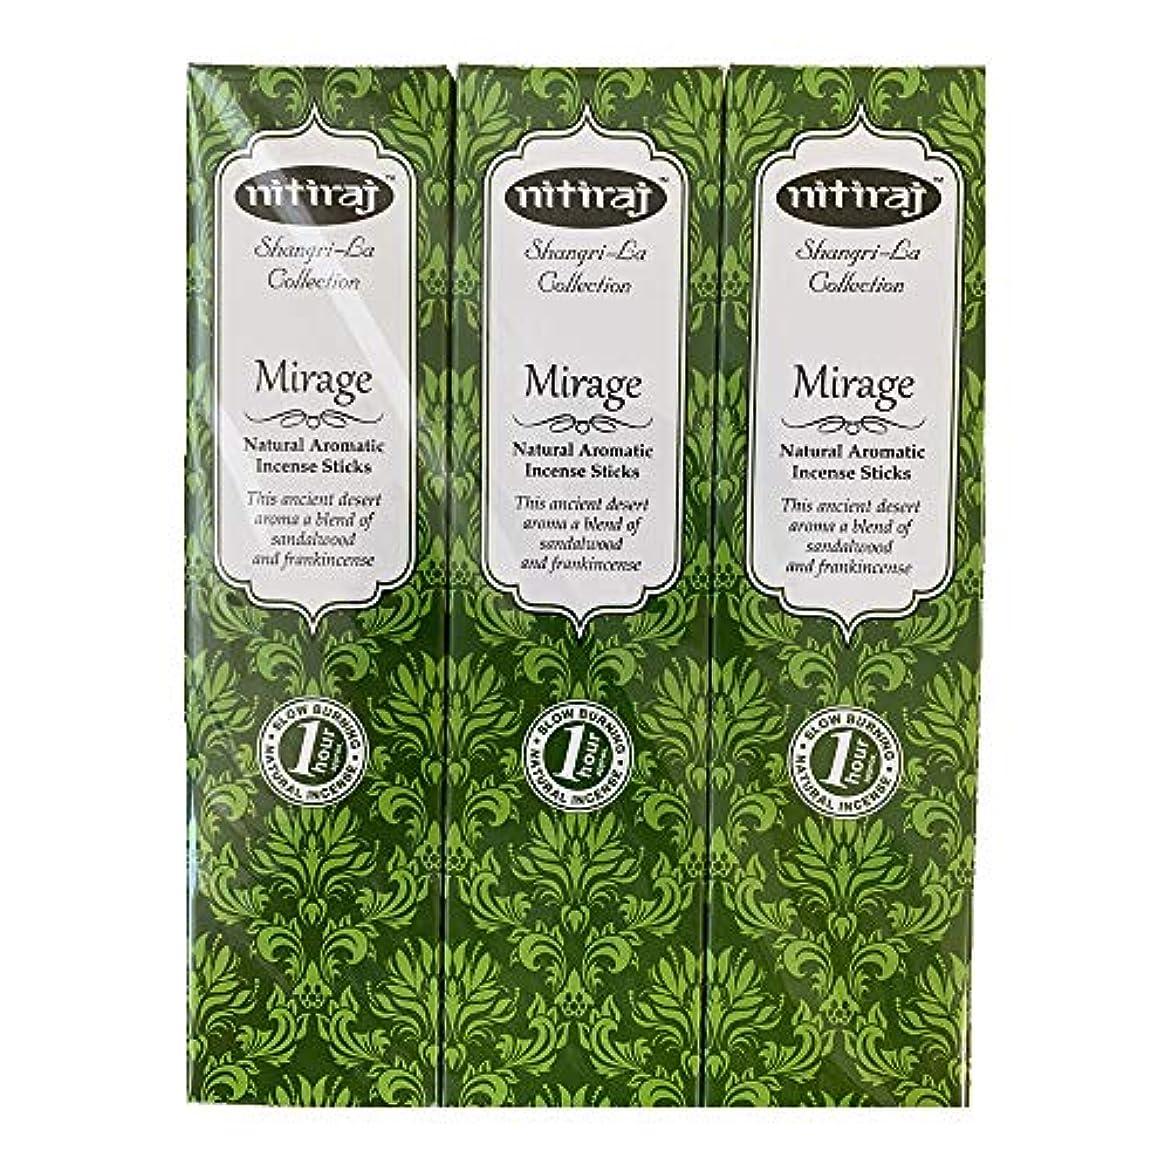 決めます名前で電気のお香 アロマインセンス Nitiraj(ニティラジ)Mirage(蜃気楼) 3箱セット(1箱10本入り) スティック型 100%天然素材 正規輸入代理店